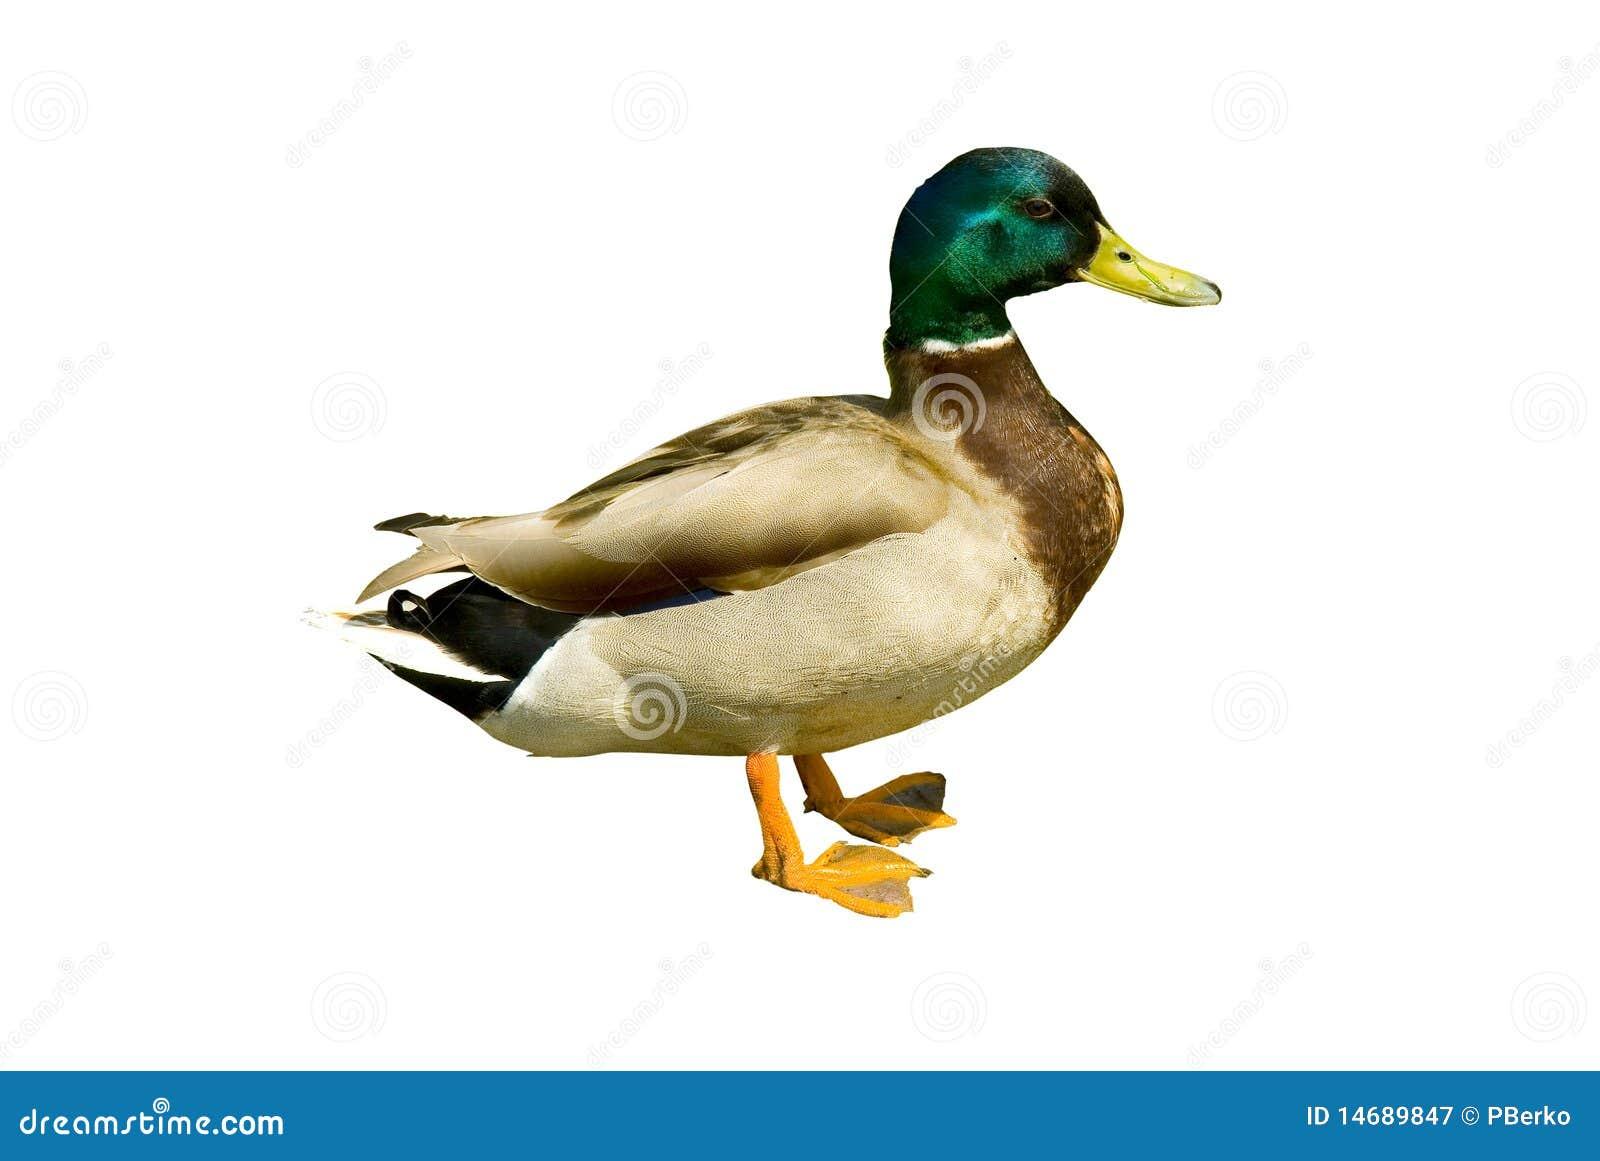 pato del pato silvestre imagen de archivo imagen de Mallard Duck Swimming Clip Art Mallard Duck Silhouette Clip Art